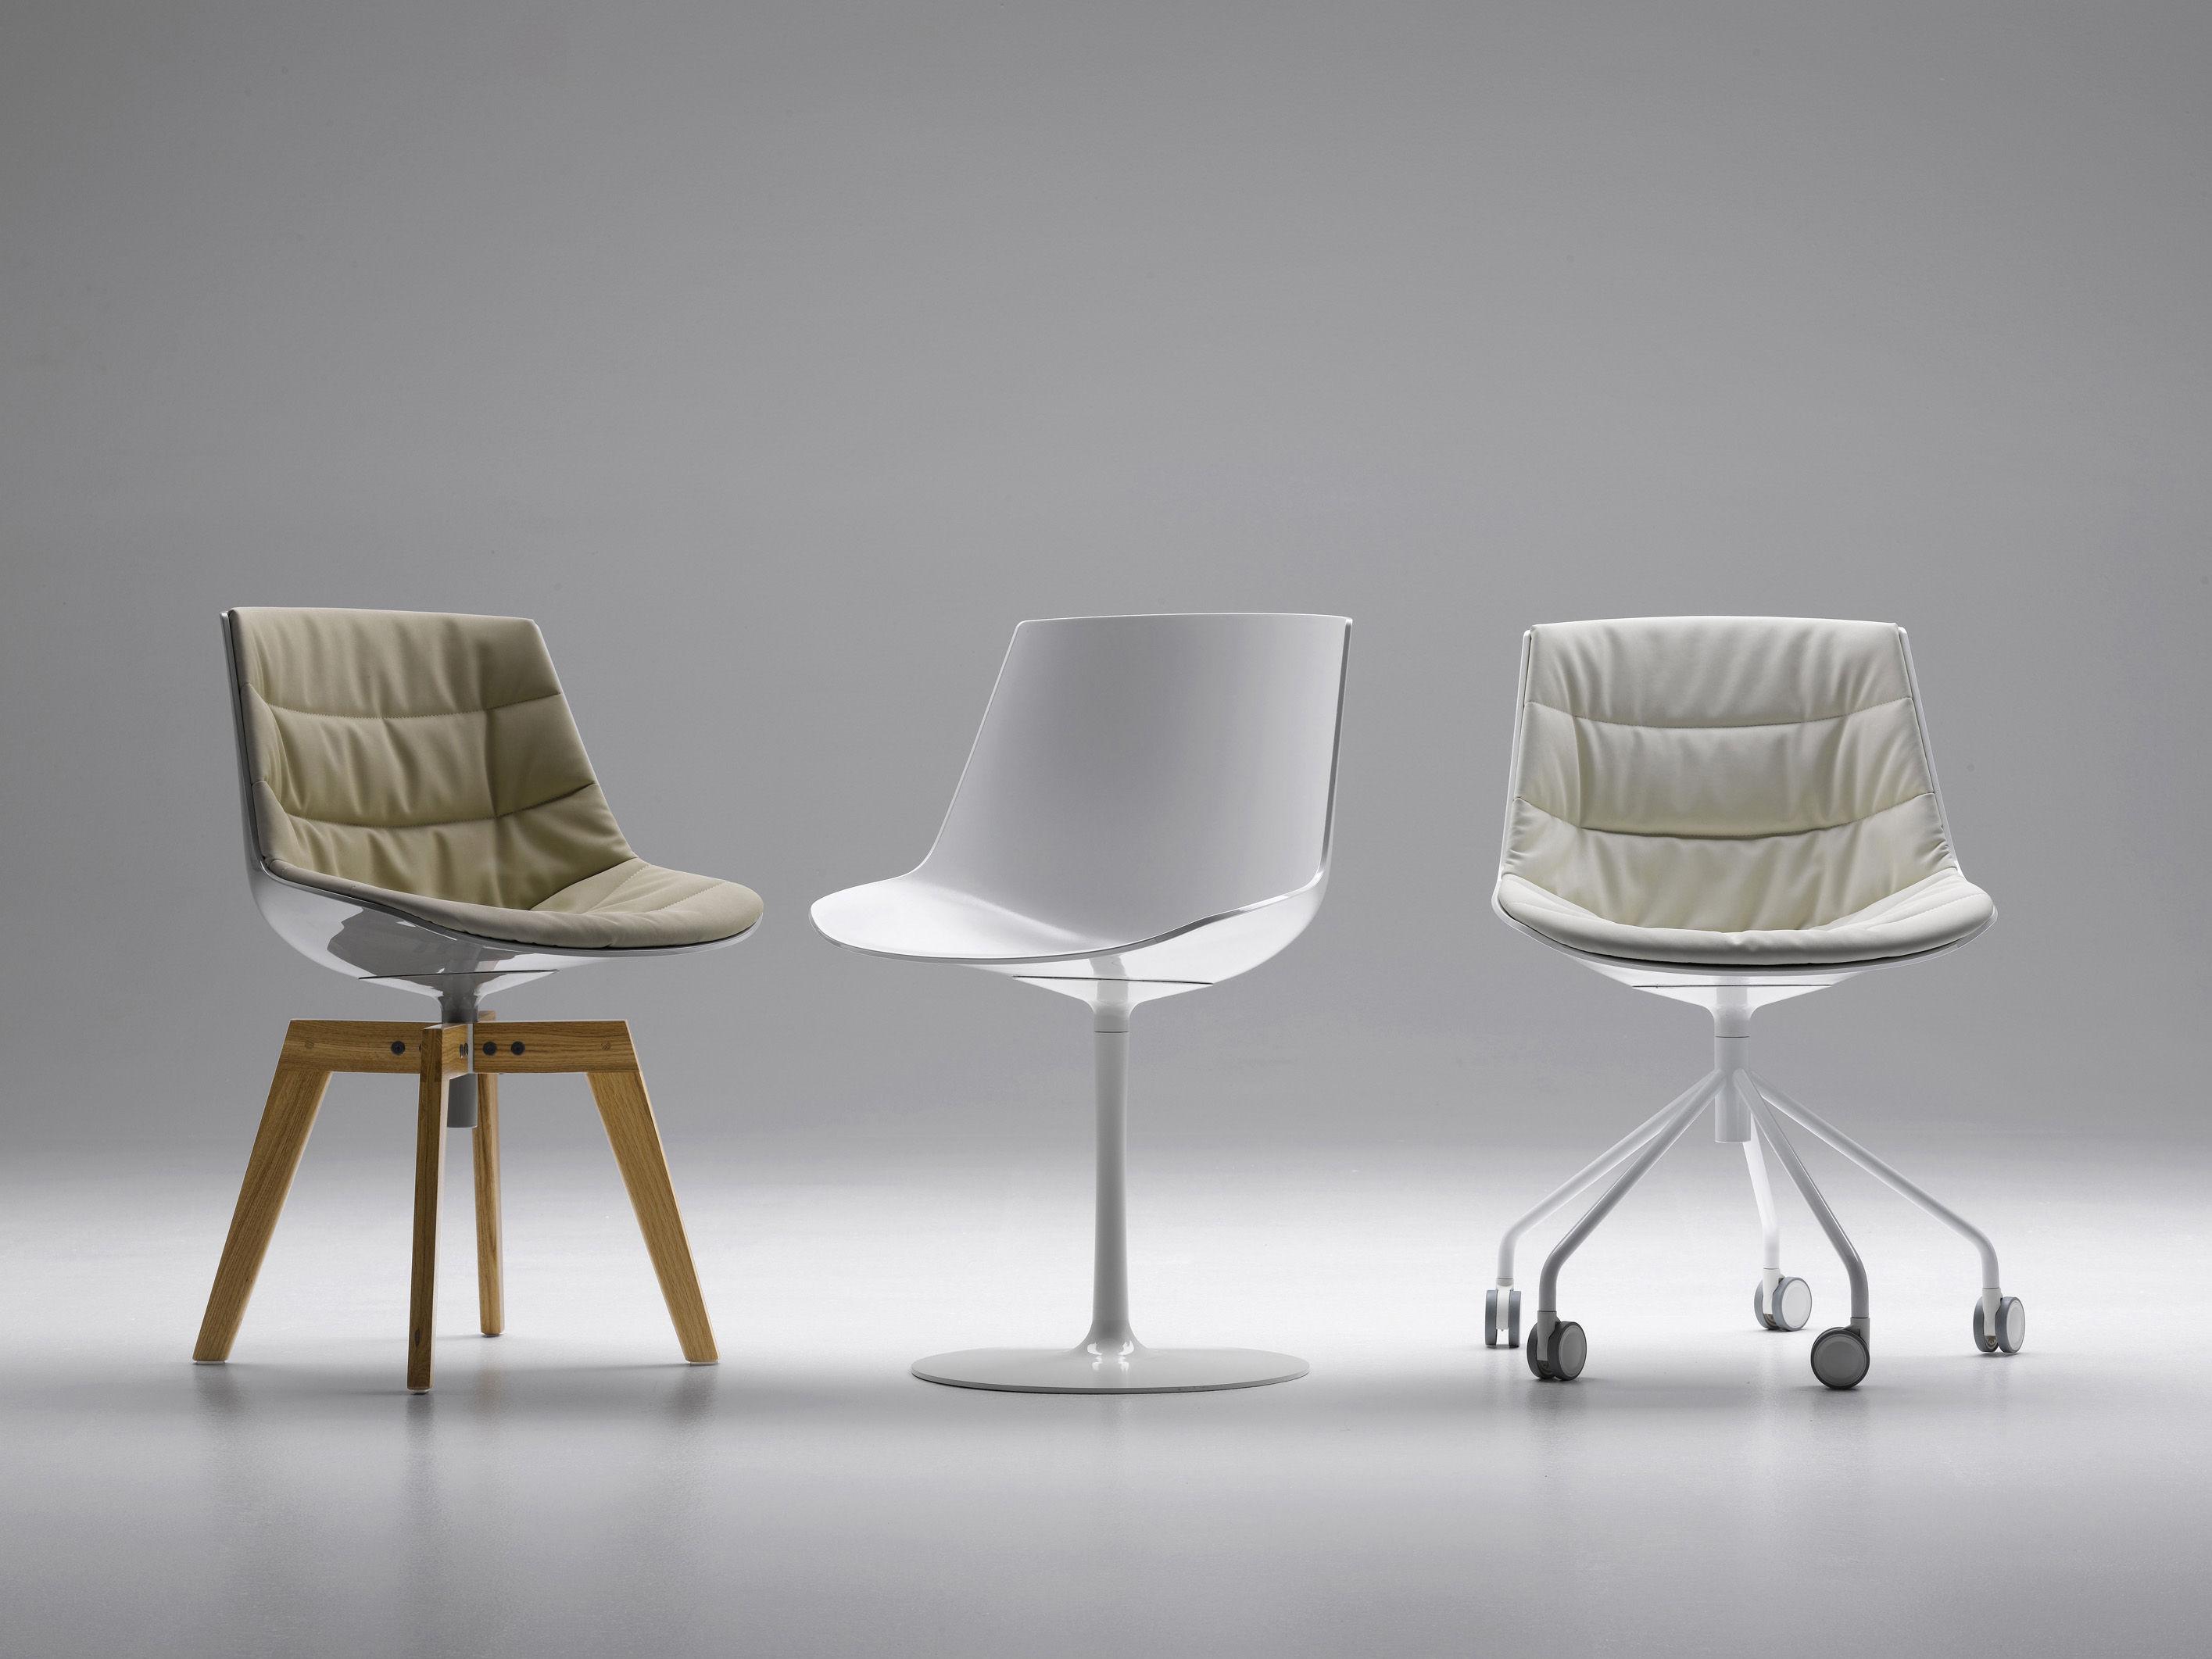 Flow Swivel Chair 4 Oak Legs White Shell Natural Oak